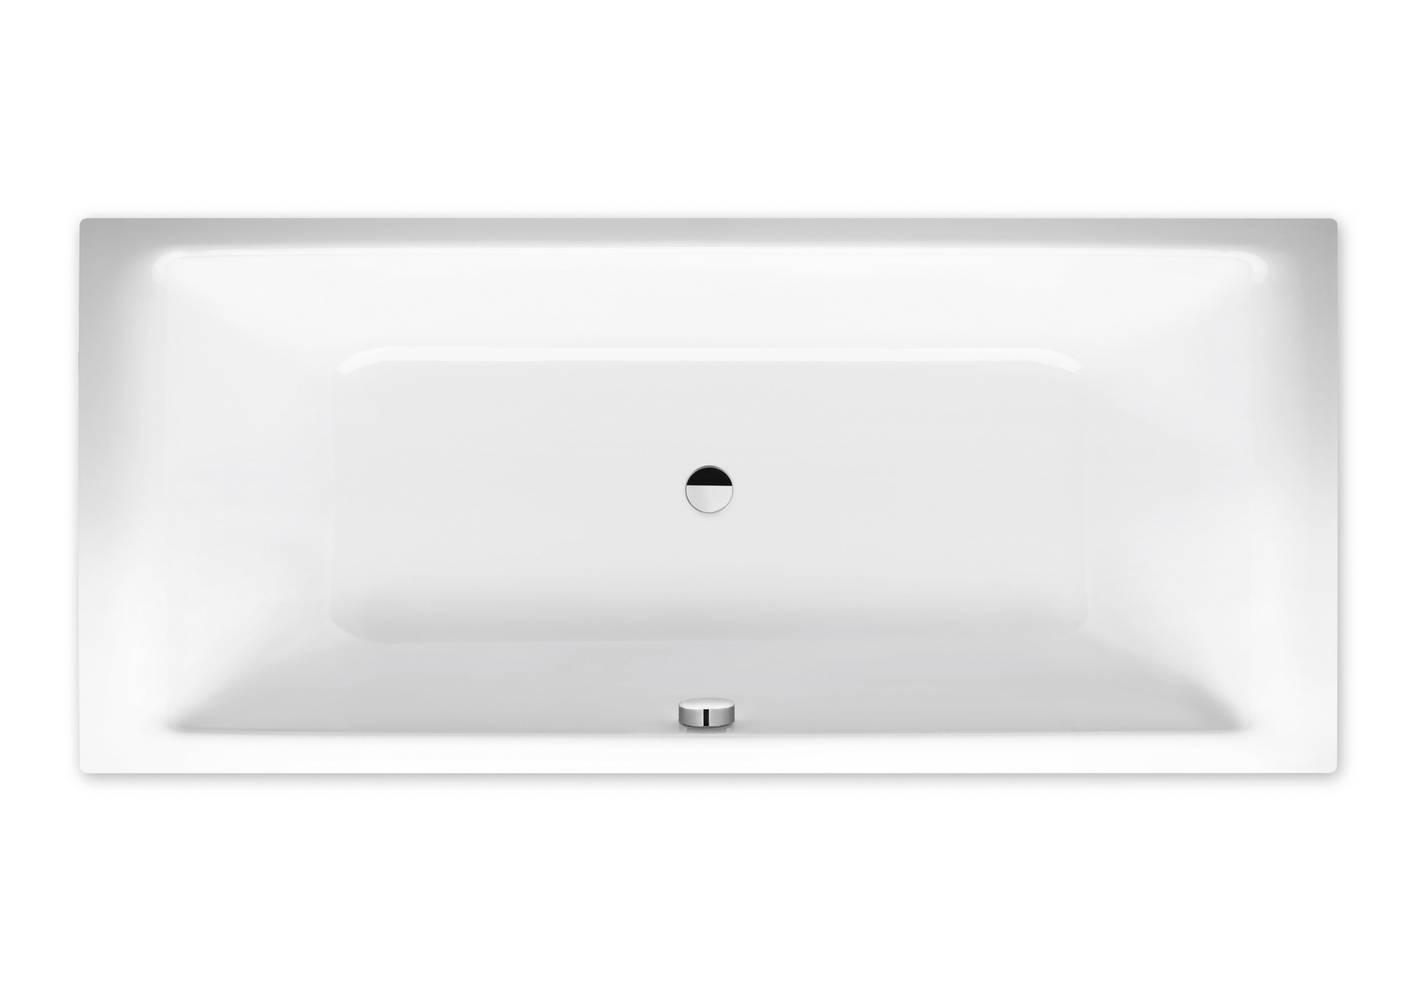 KALDEWAI Puro Duo Inset Bath